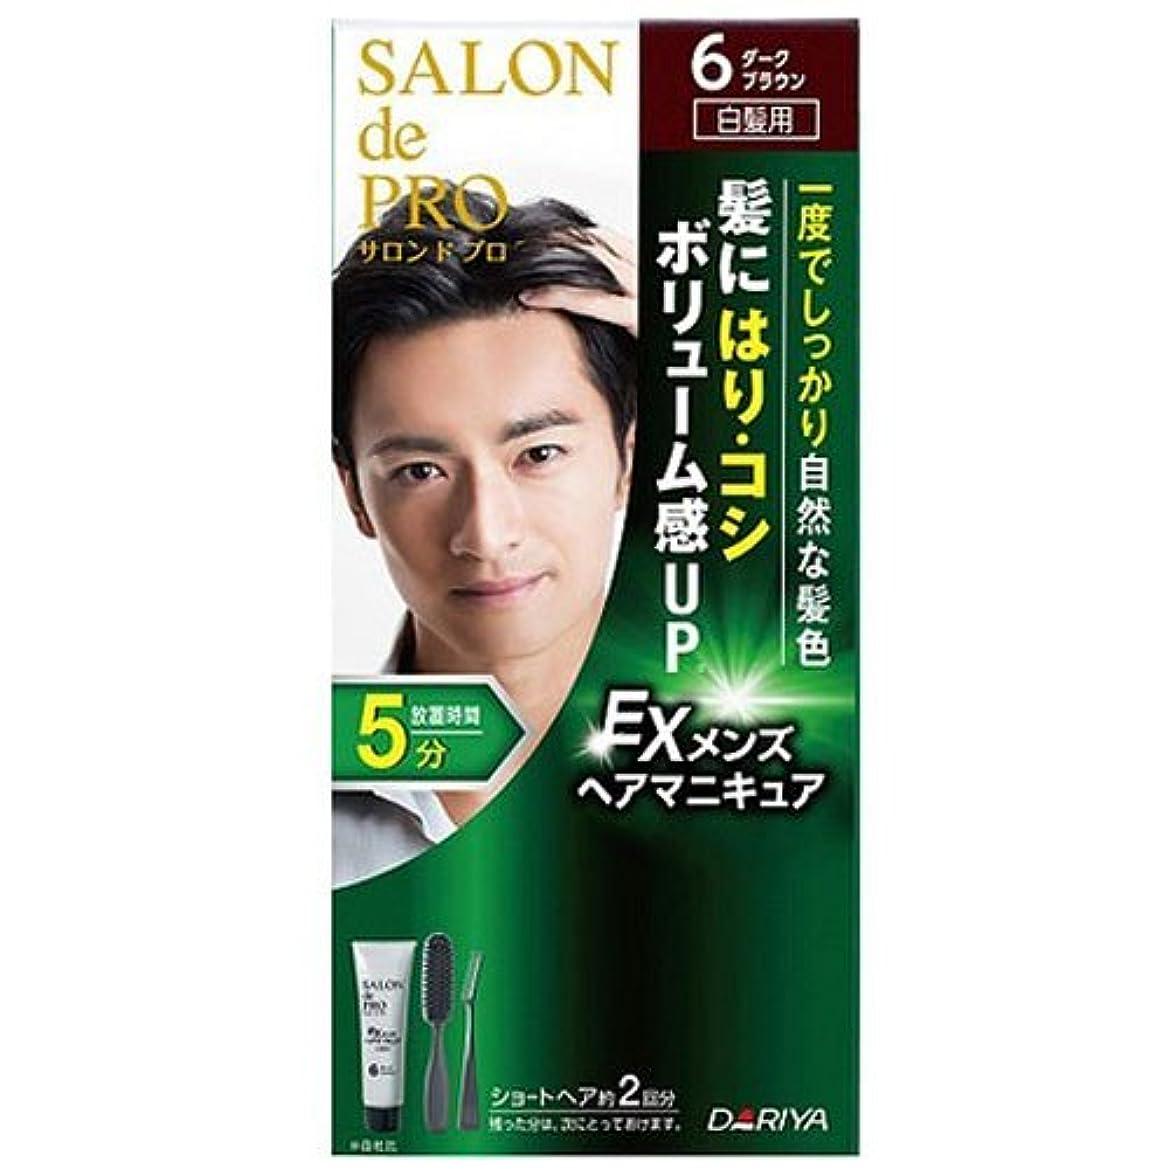 退屈させる特異なギャザーサロンドプロ EXメンズヘアマニキュア 白髪用 6 ダークブラウン